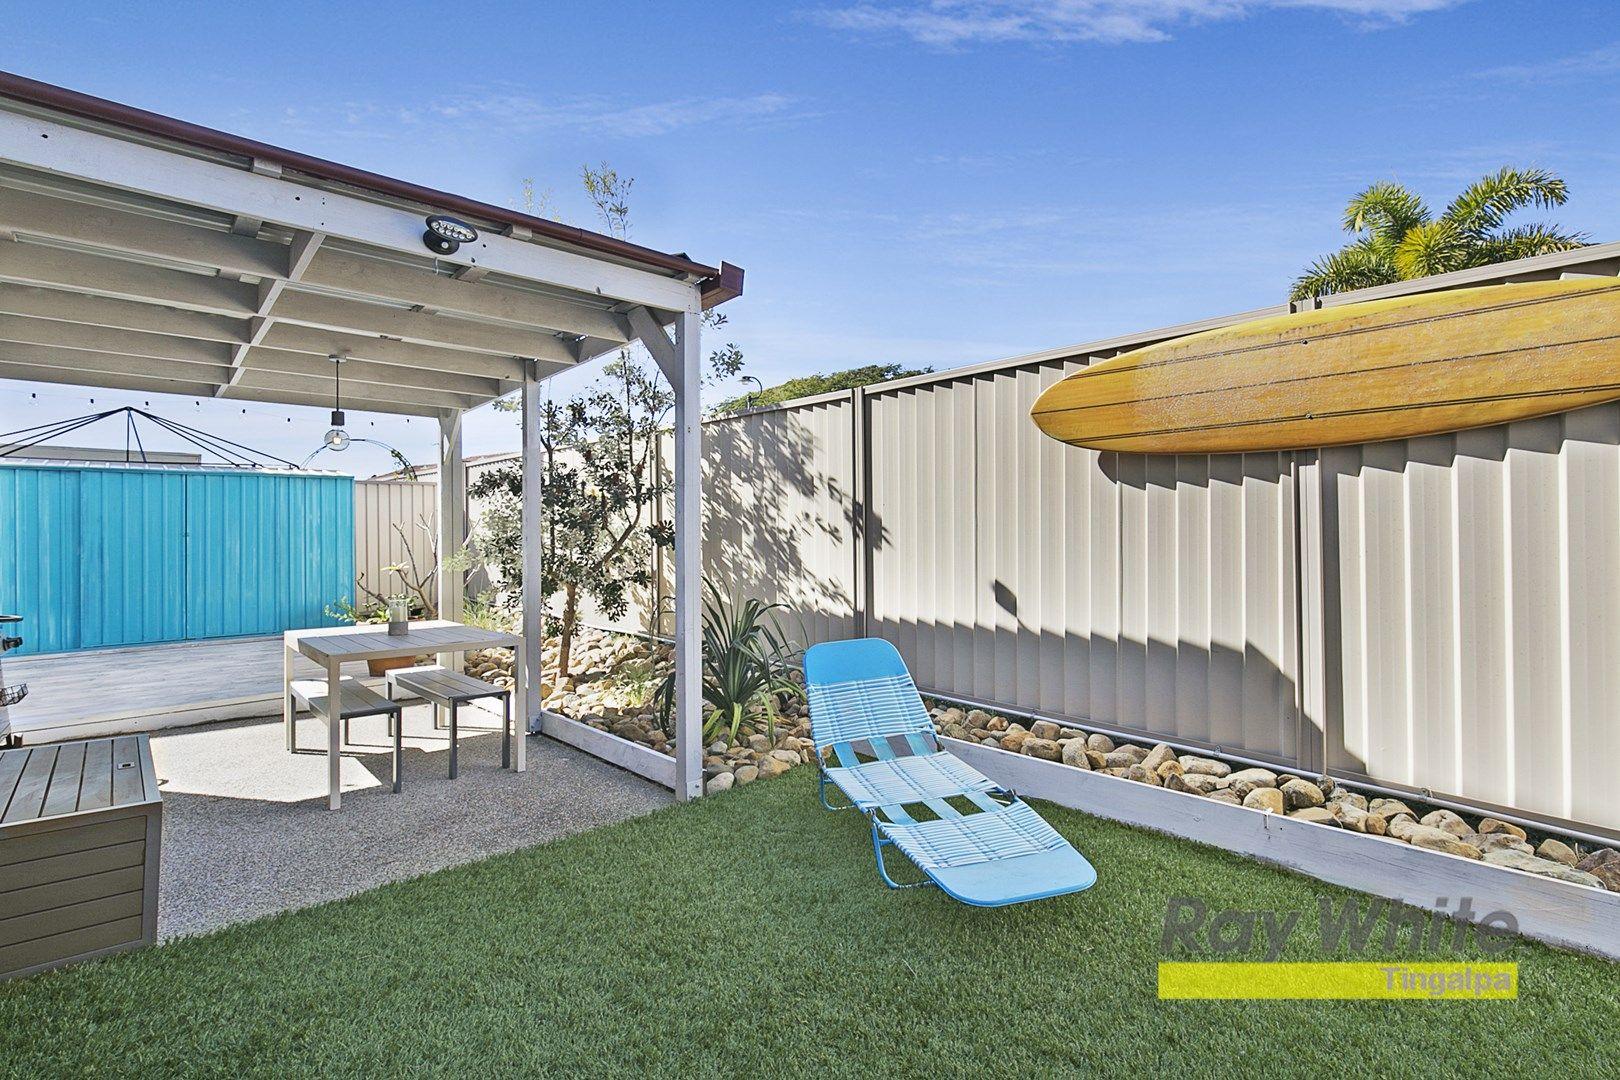 114/25 Dasyure Place, Wynnum West QLD 4178, Image 0